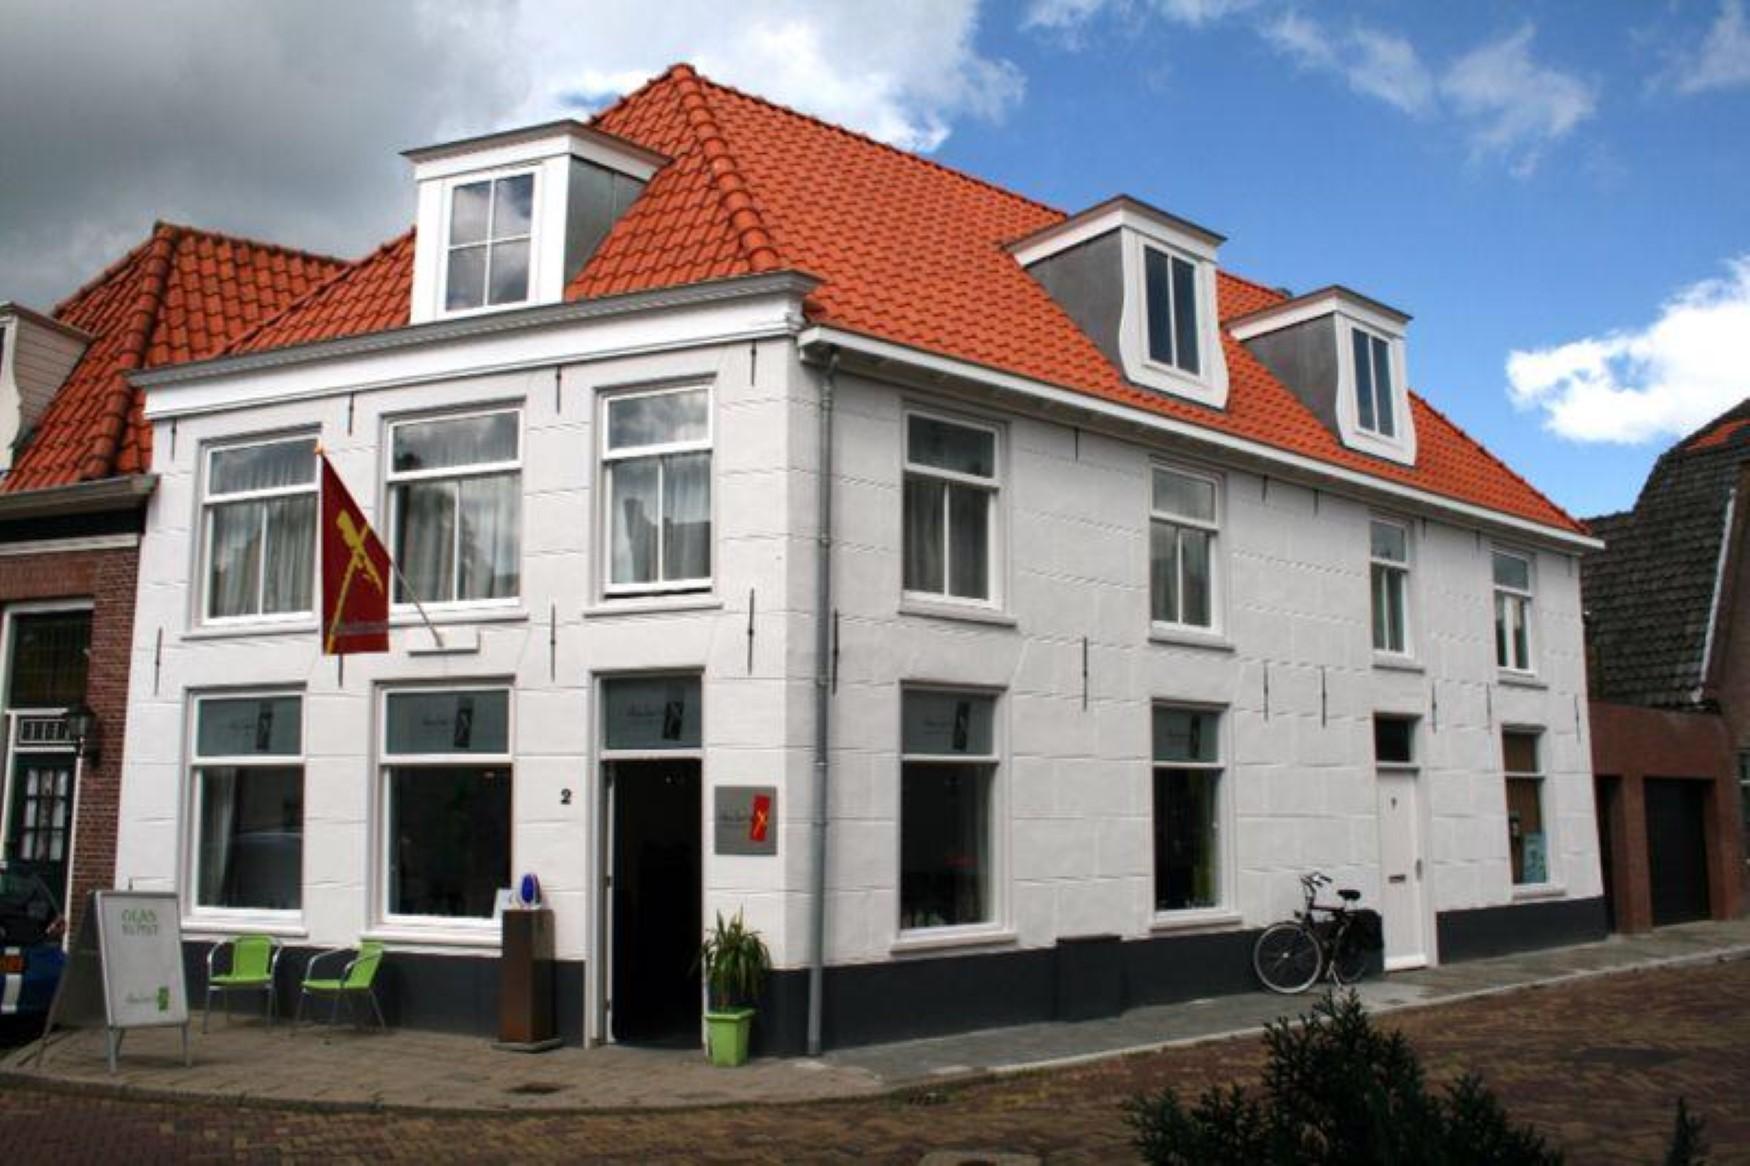 b950c028570 VERKOCHT: Gerritsland 1a, Hoorn - Westfries Goed Makelaars & Adviseurs